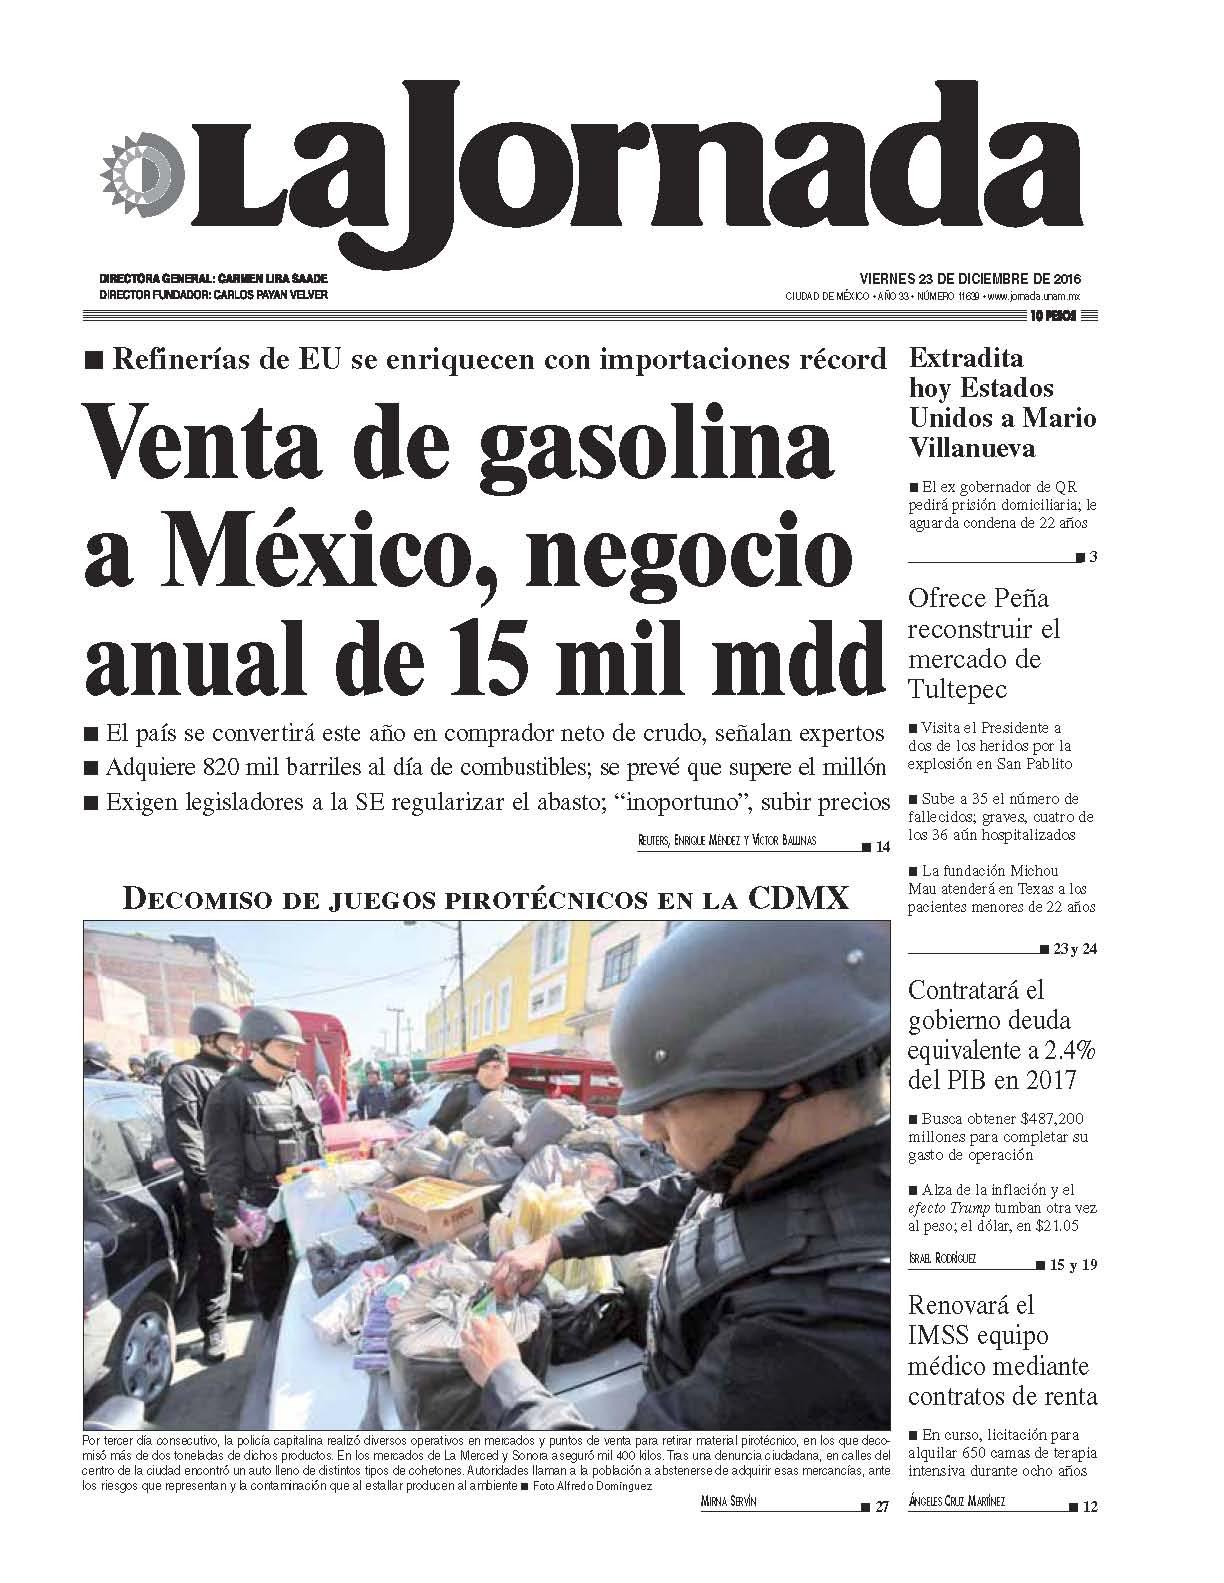 La jornada en internet viernes 23 de diciembre de 2016 for Noticias del espectaculo mexicano del dia de hoy